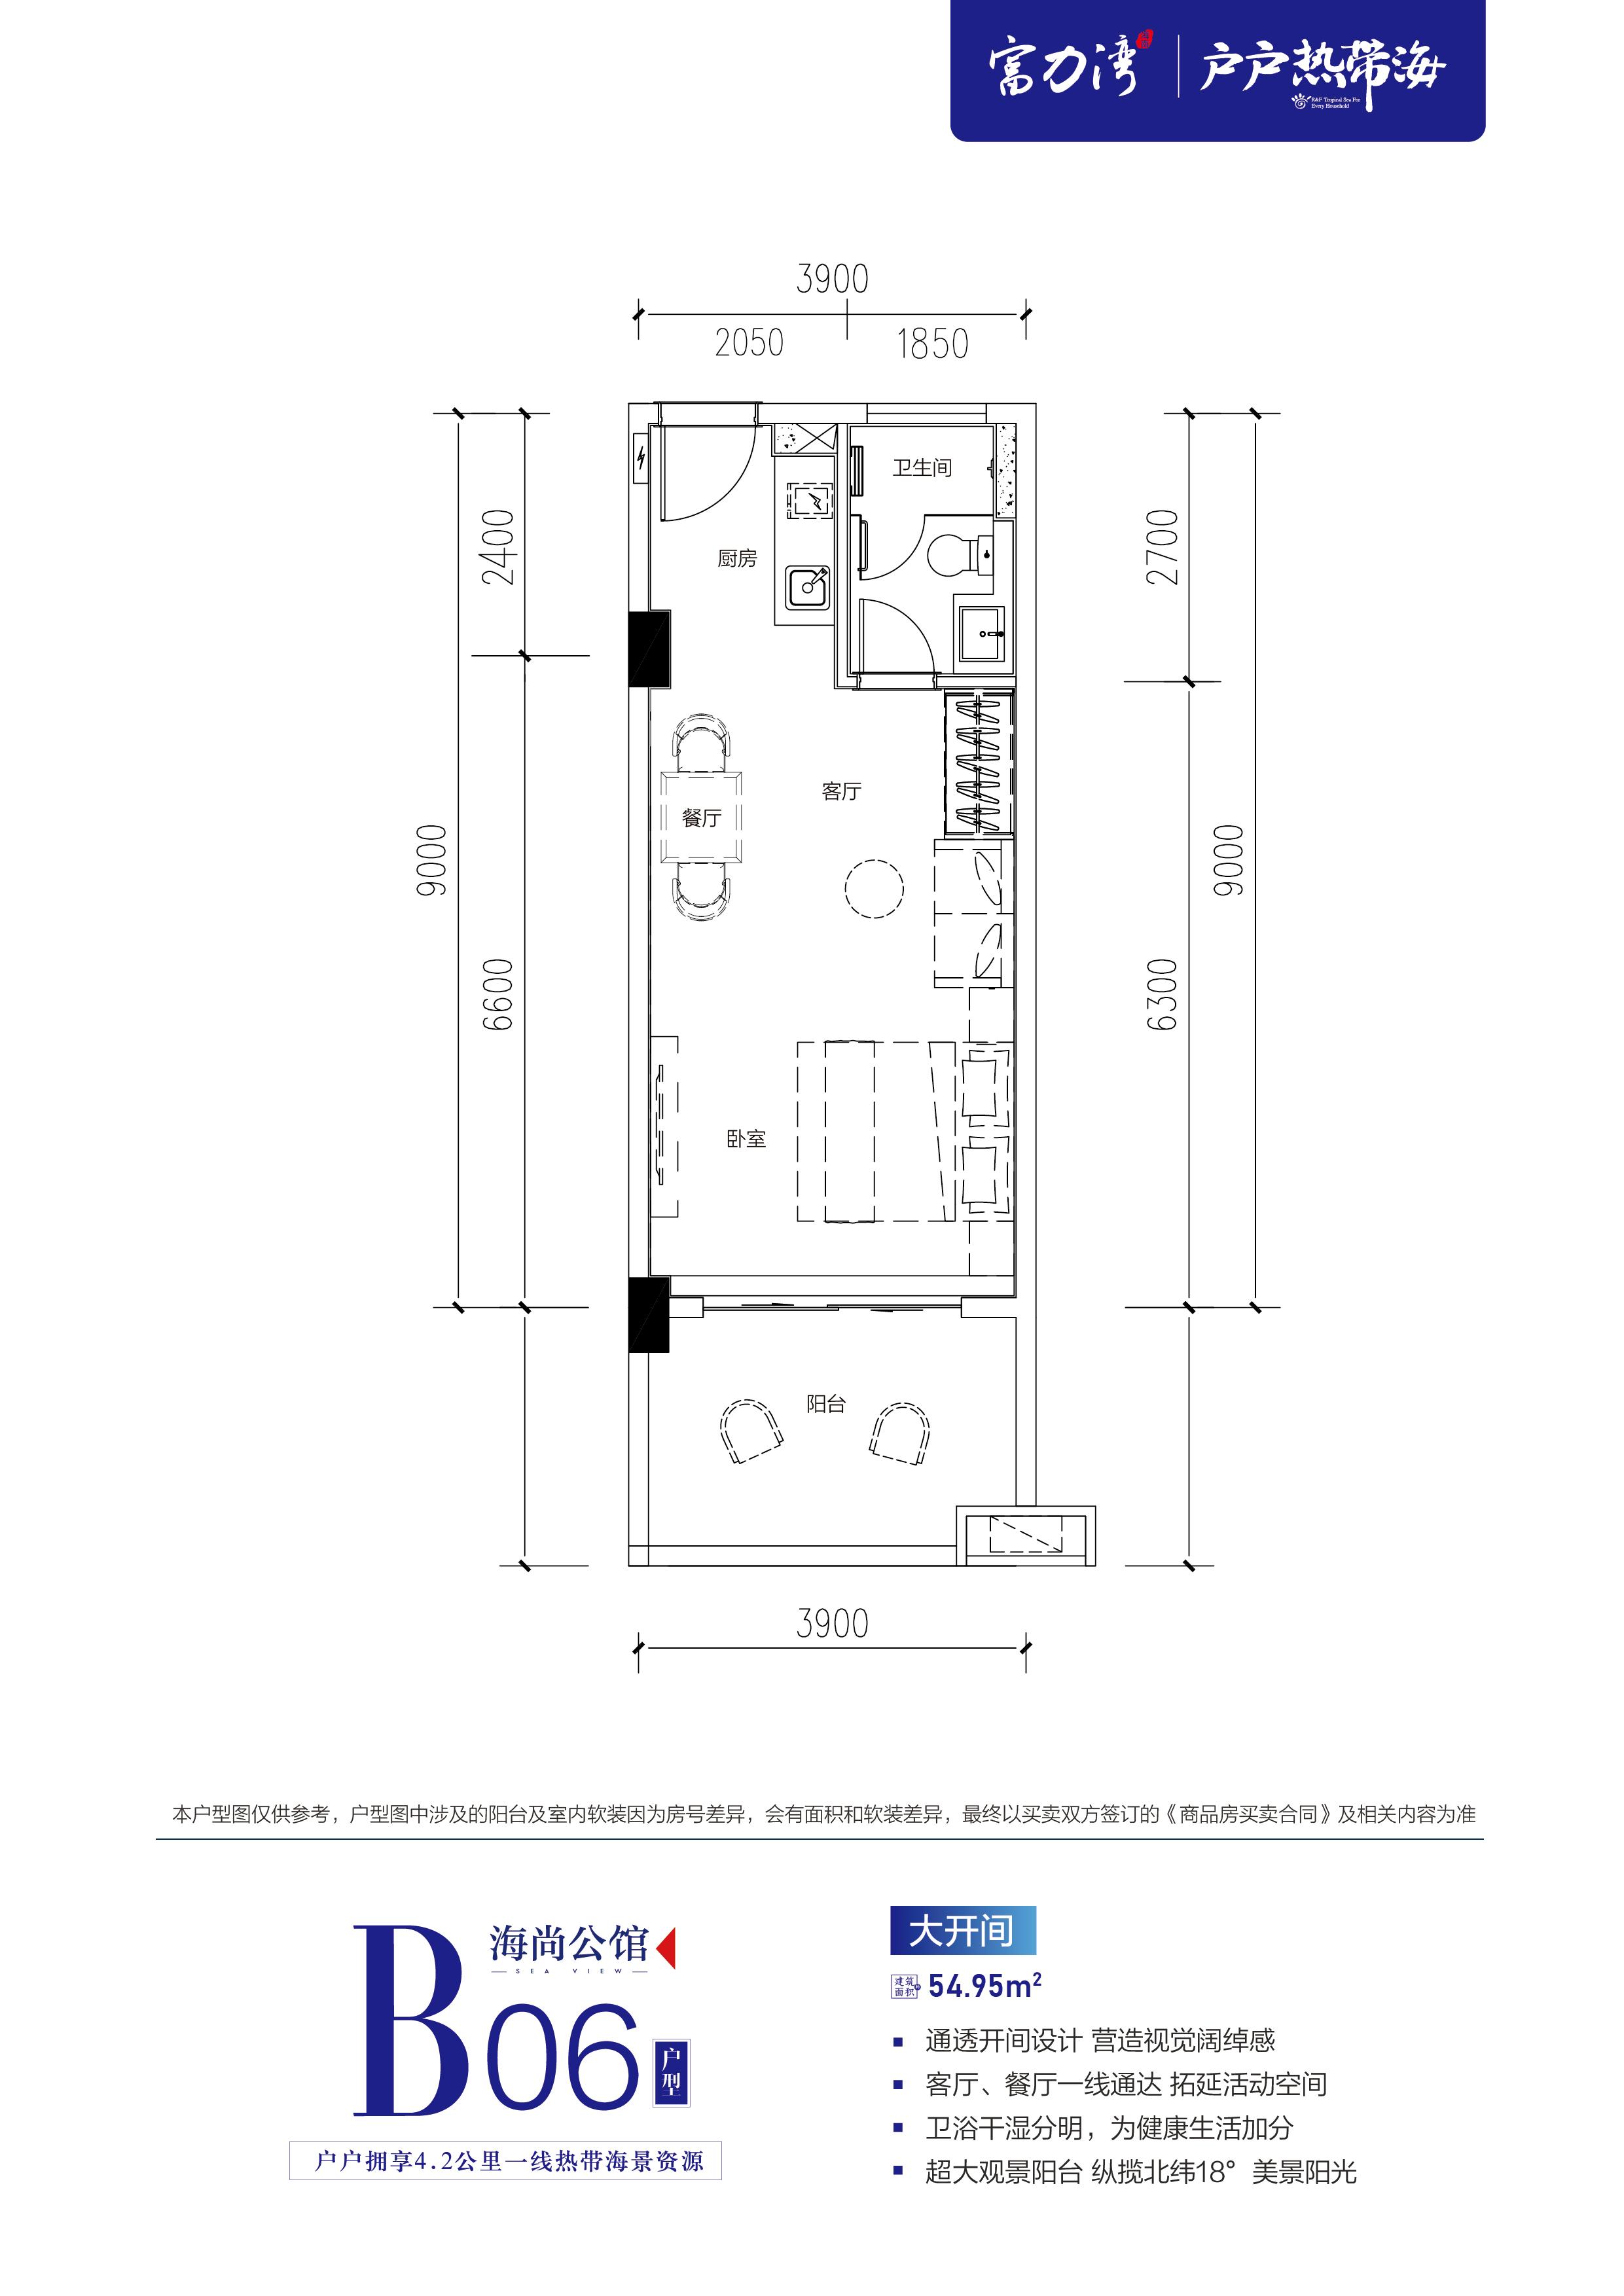 海尚公馆B06户型 大开间 建面约54.95㎡